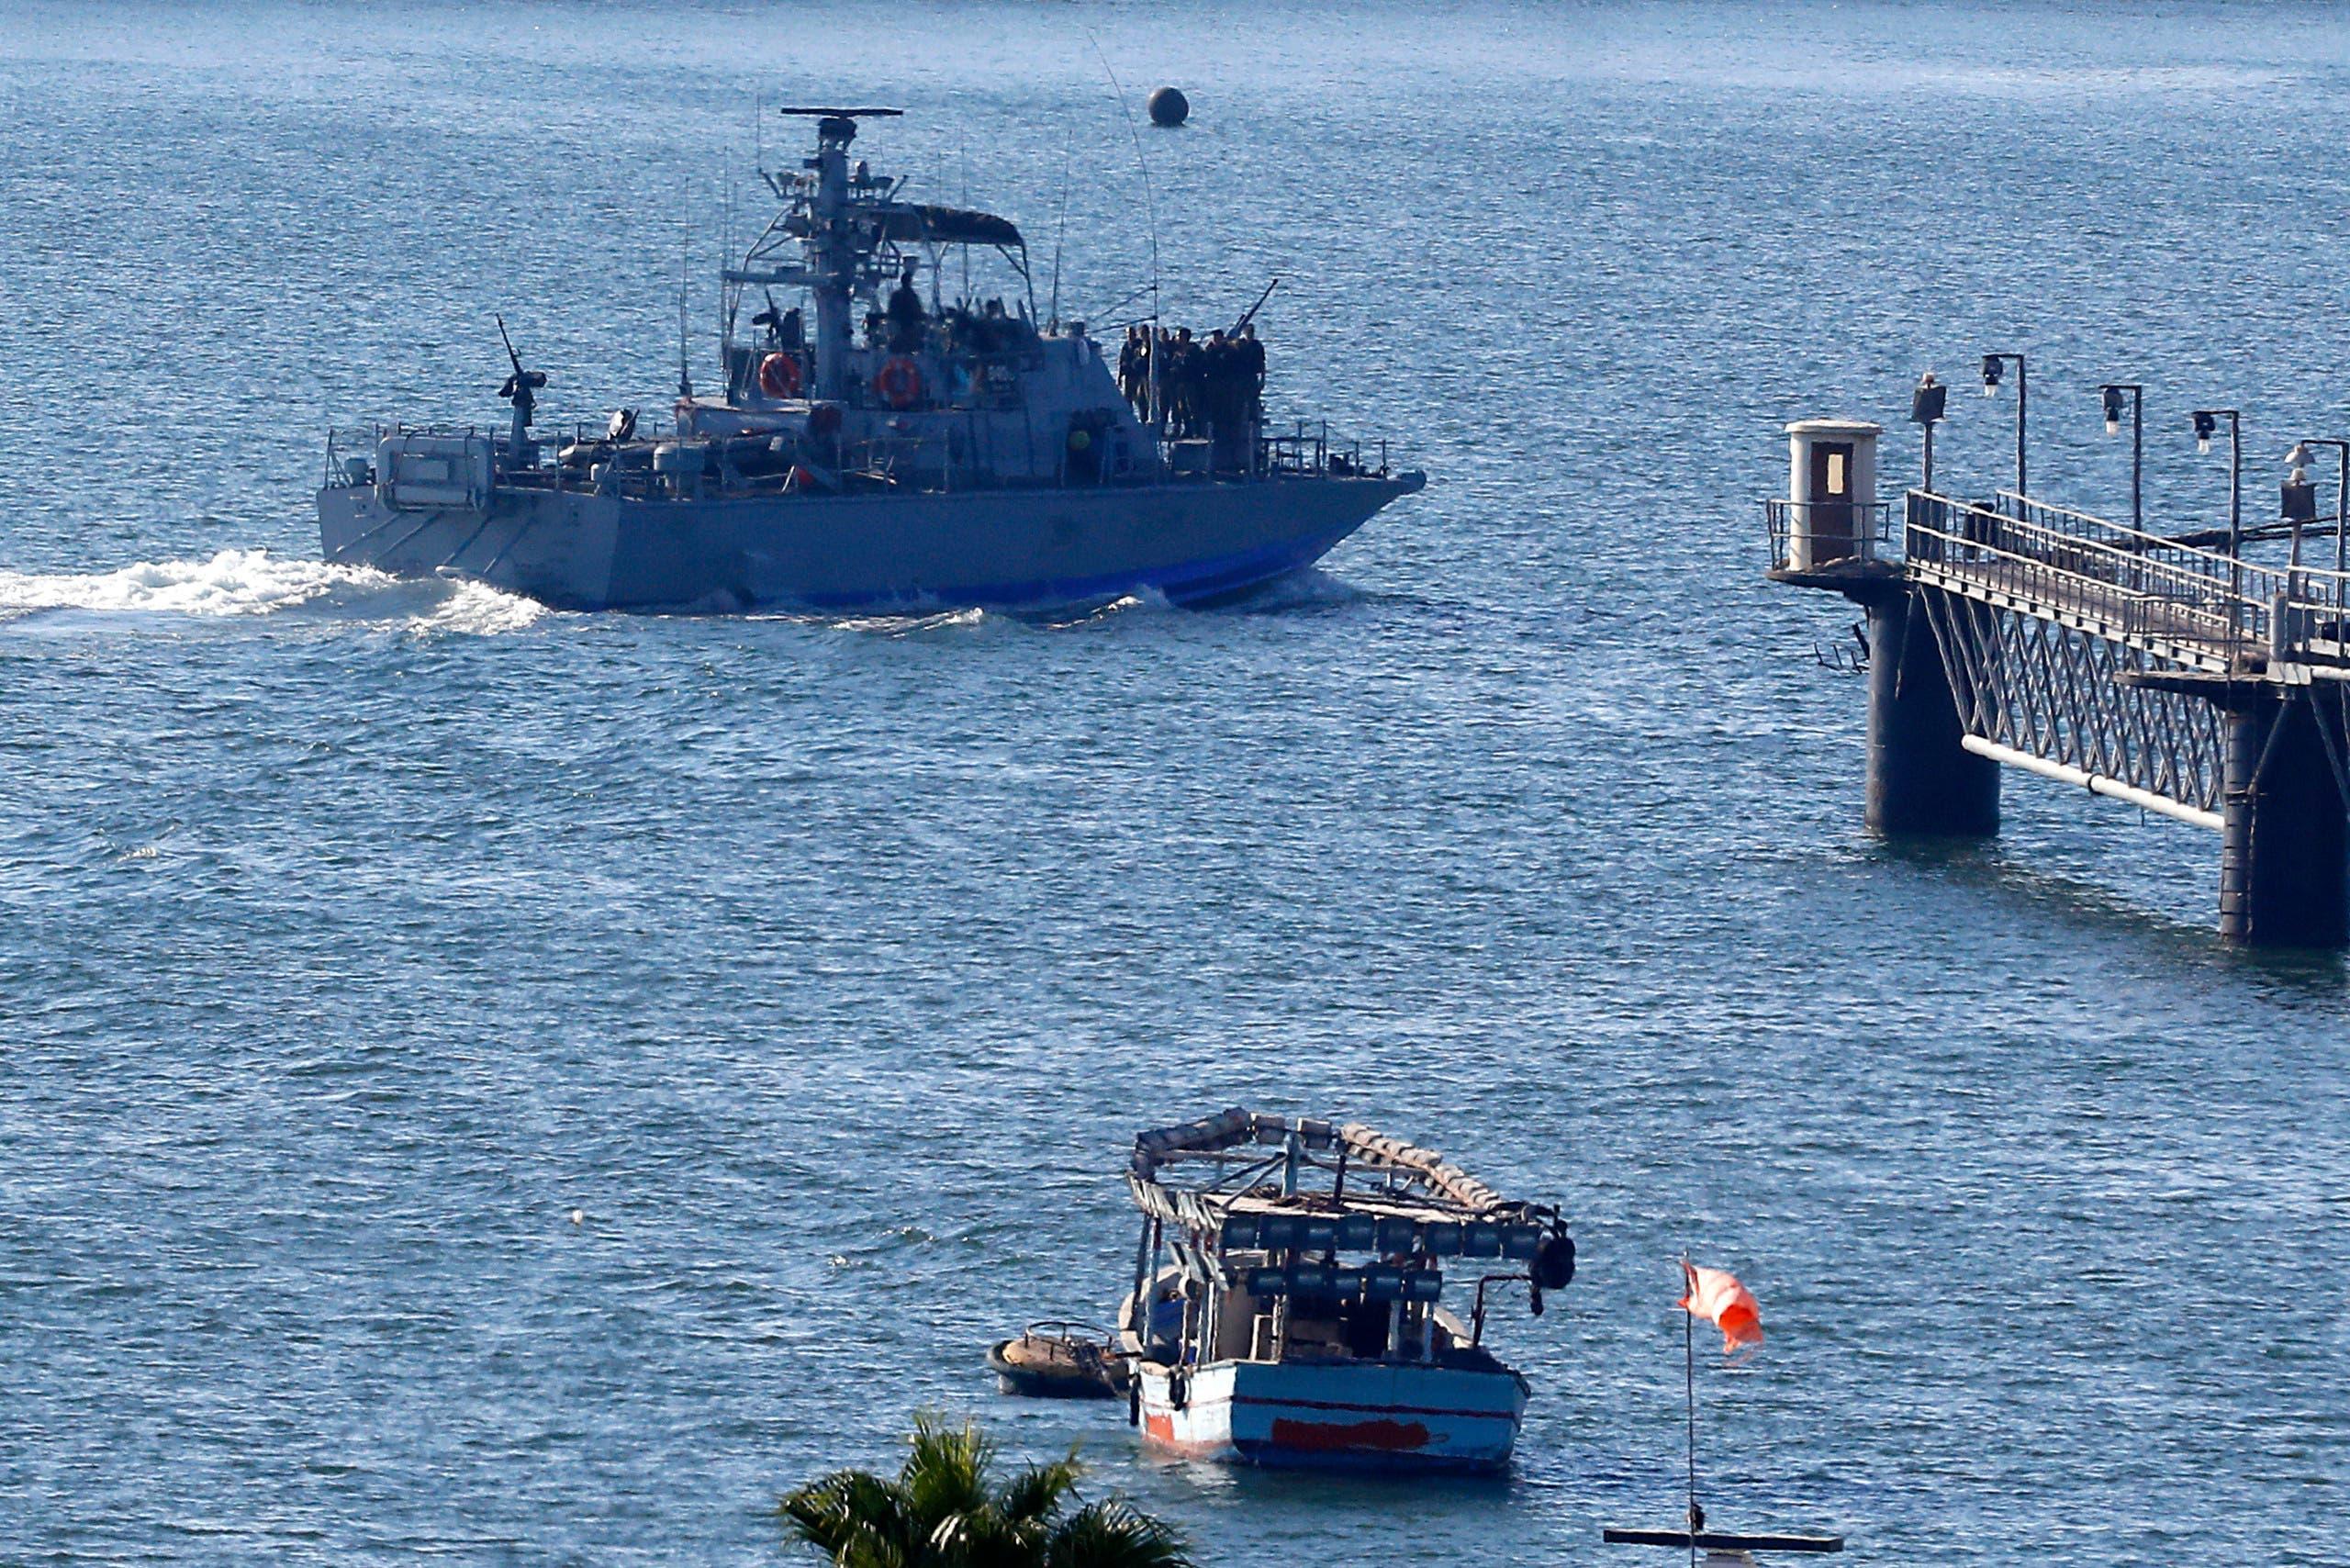 البحرية الإسرائيلية في ميناء أسدود تعترض سفينة ترفع علم النروج يوم 29 يوليو